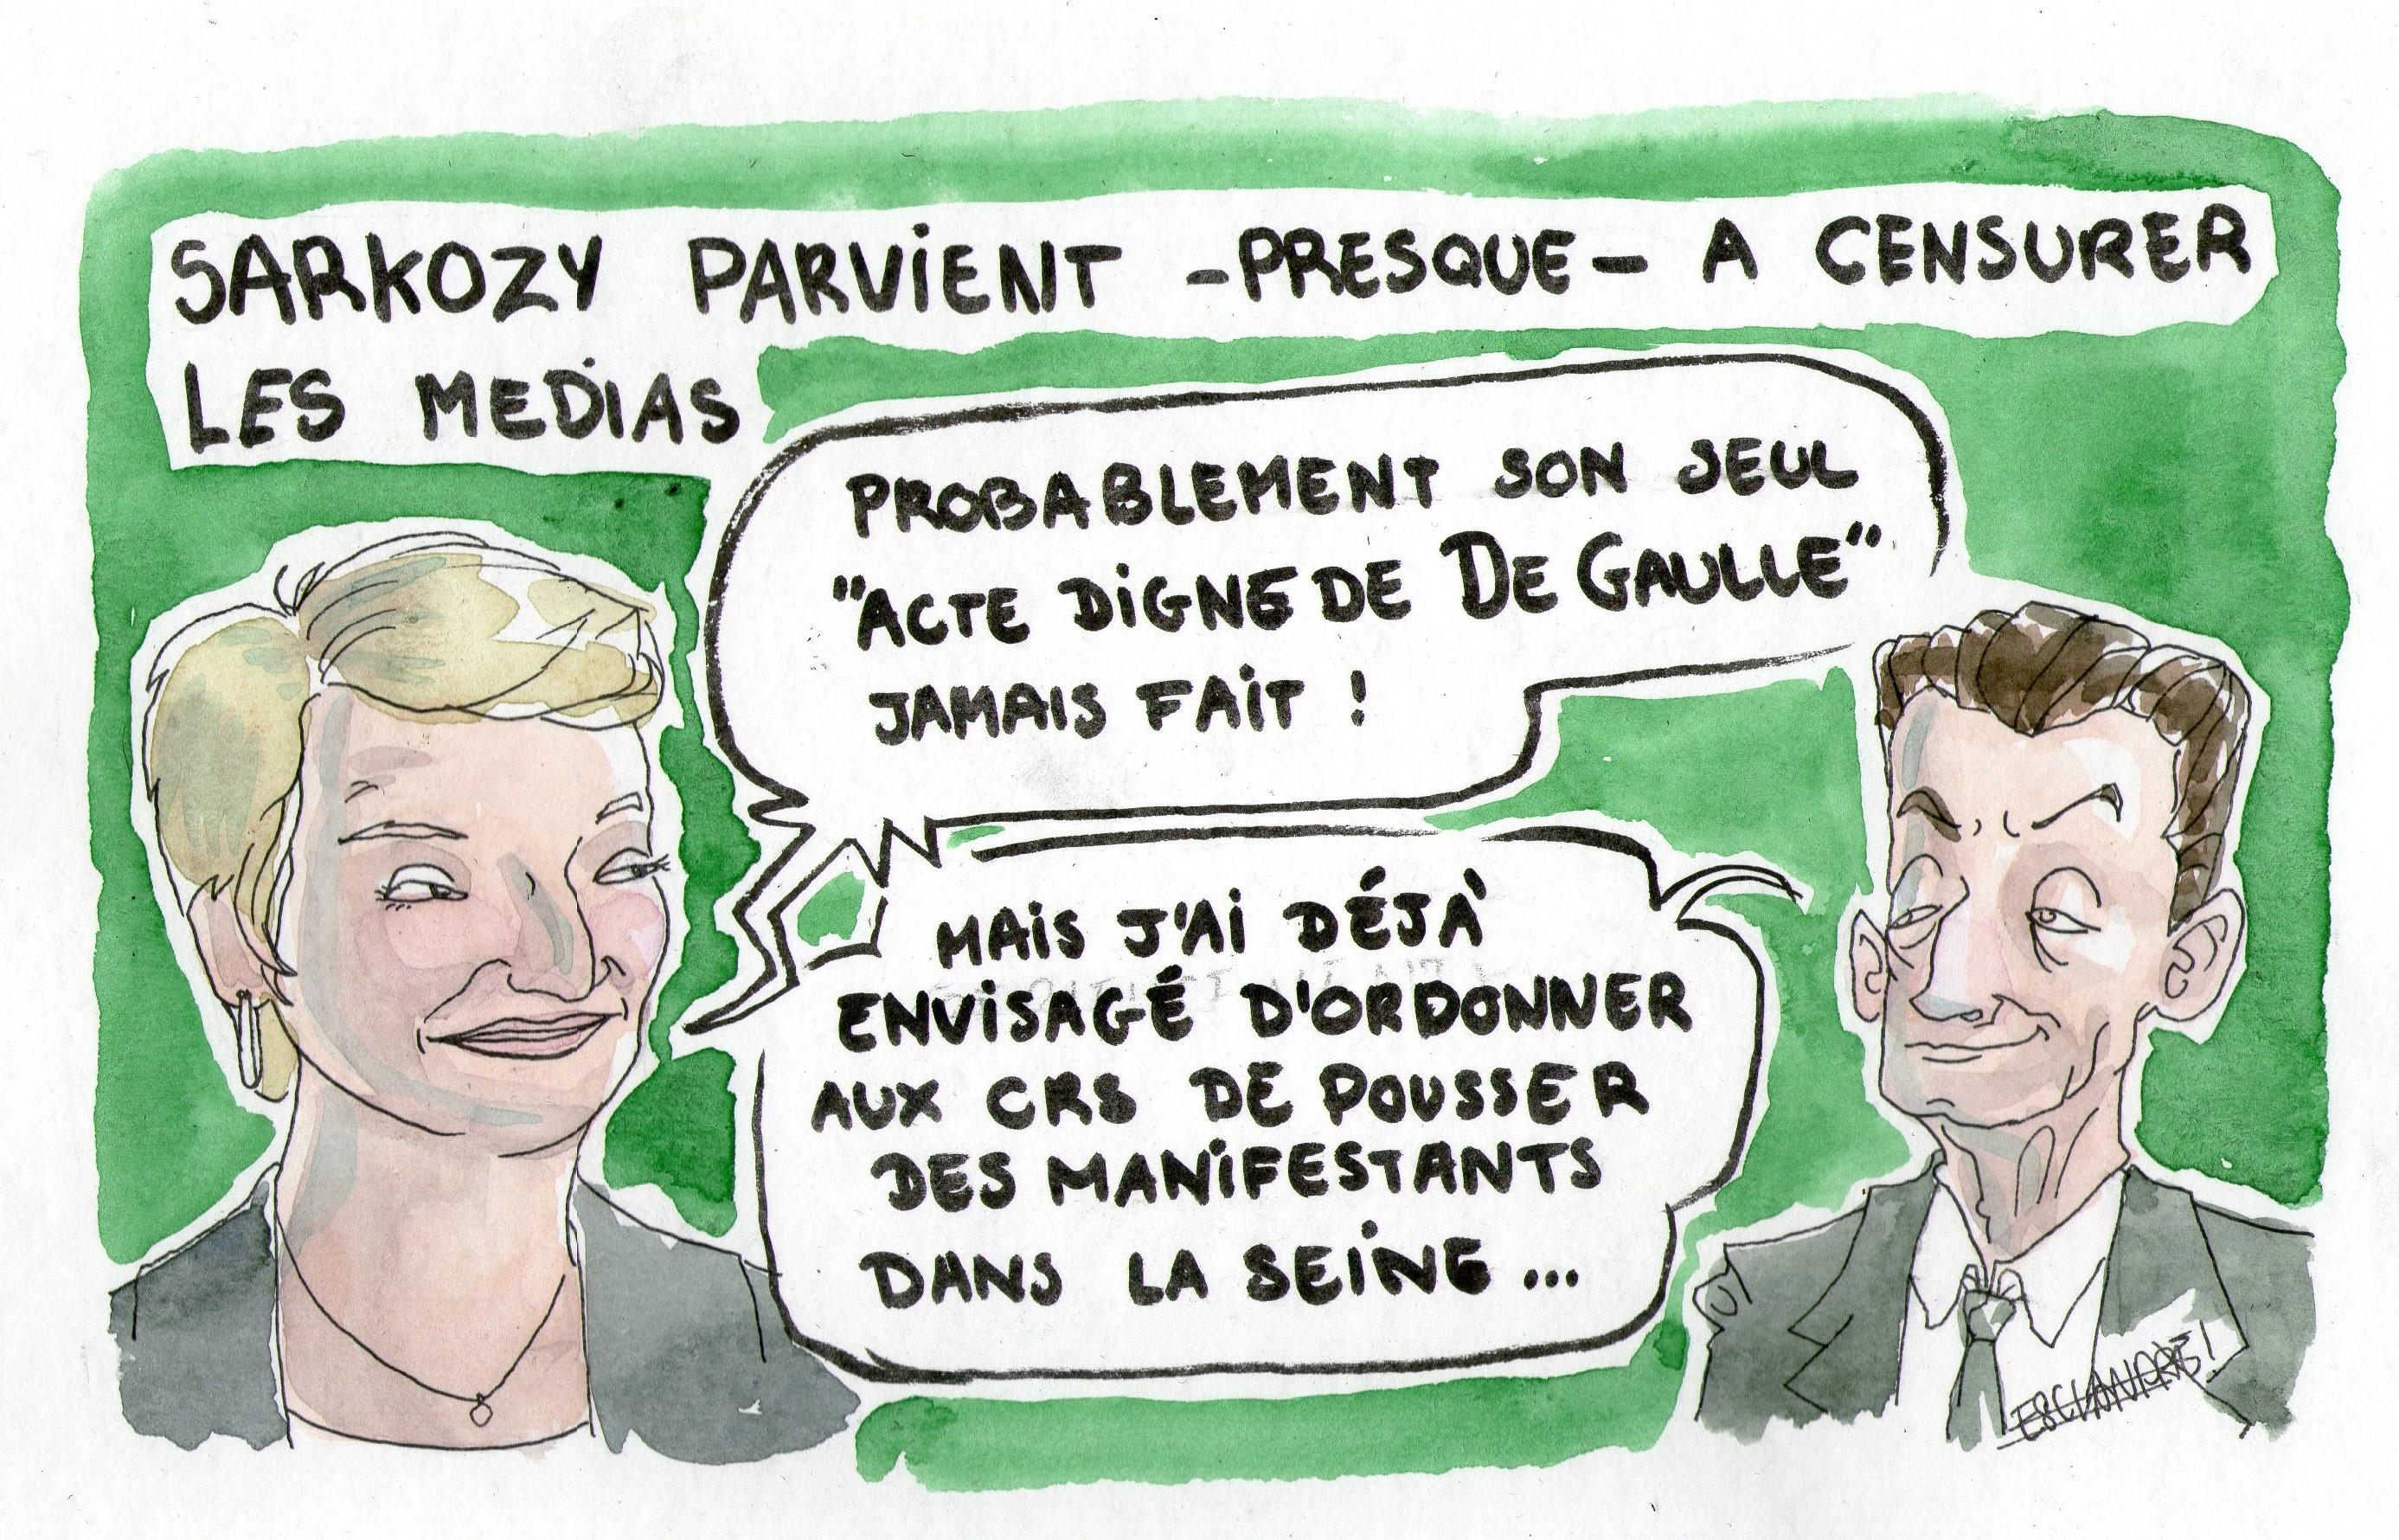 Sarkozy parvient – presque – à censurer les médias